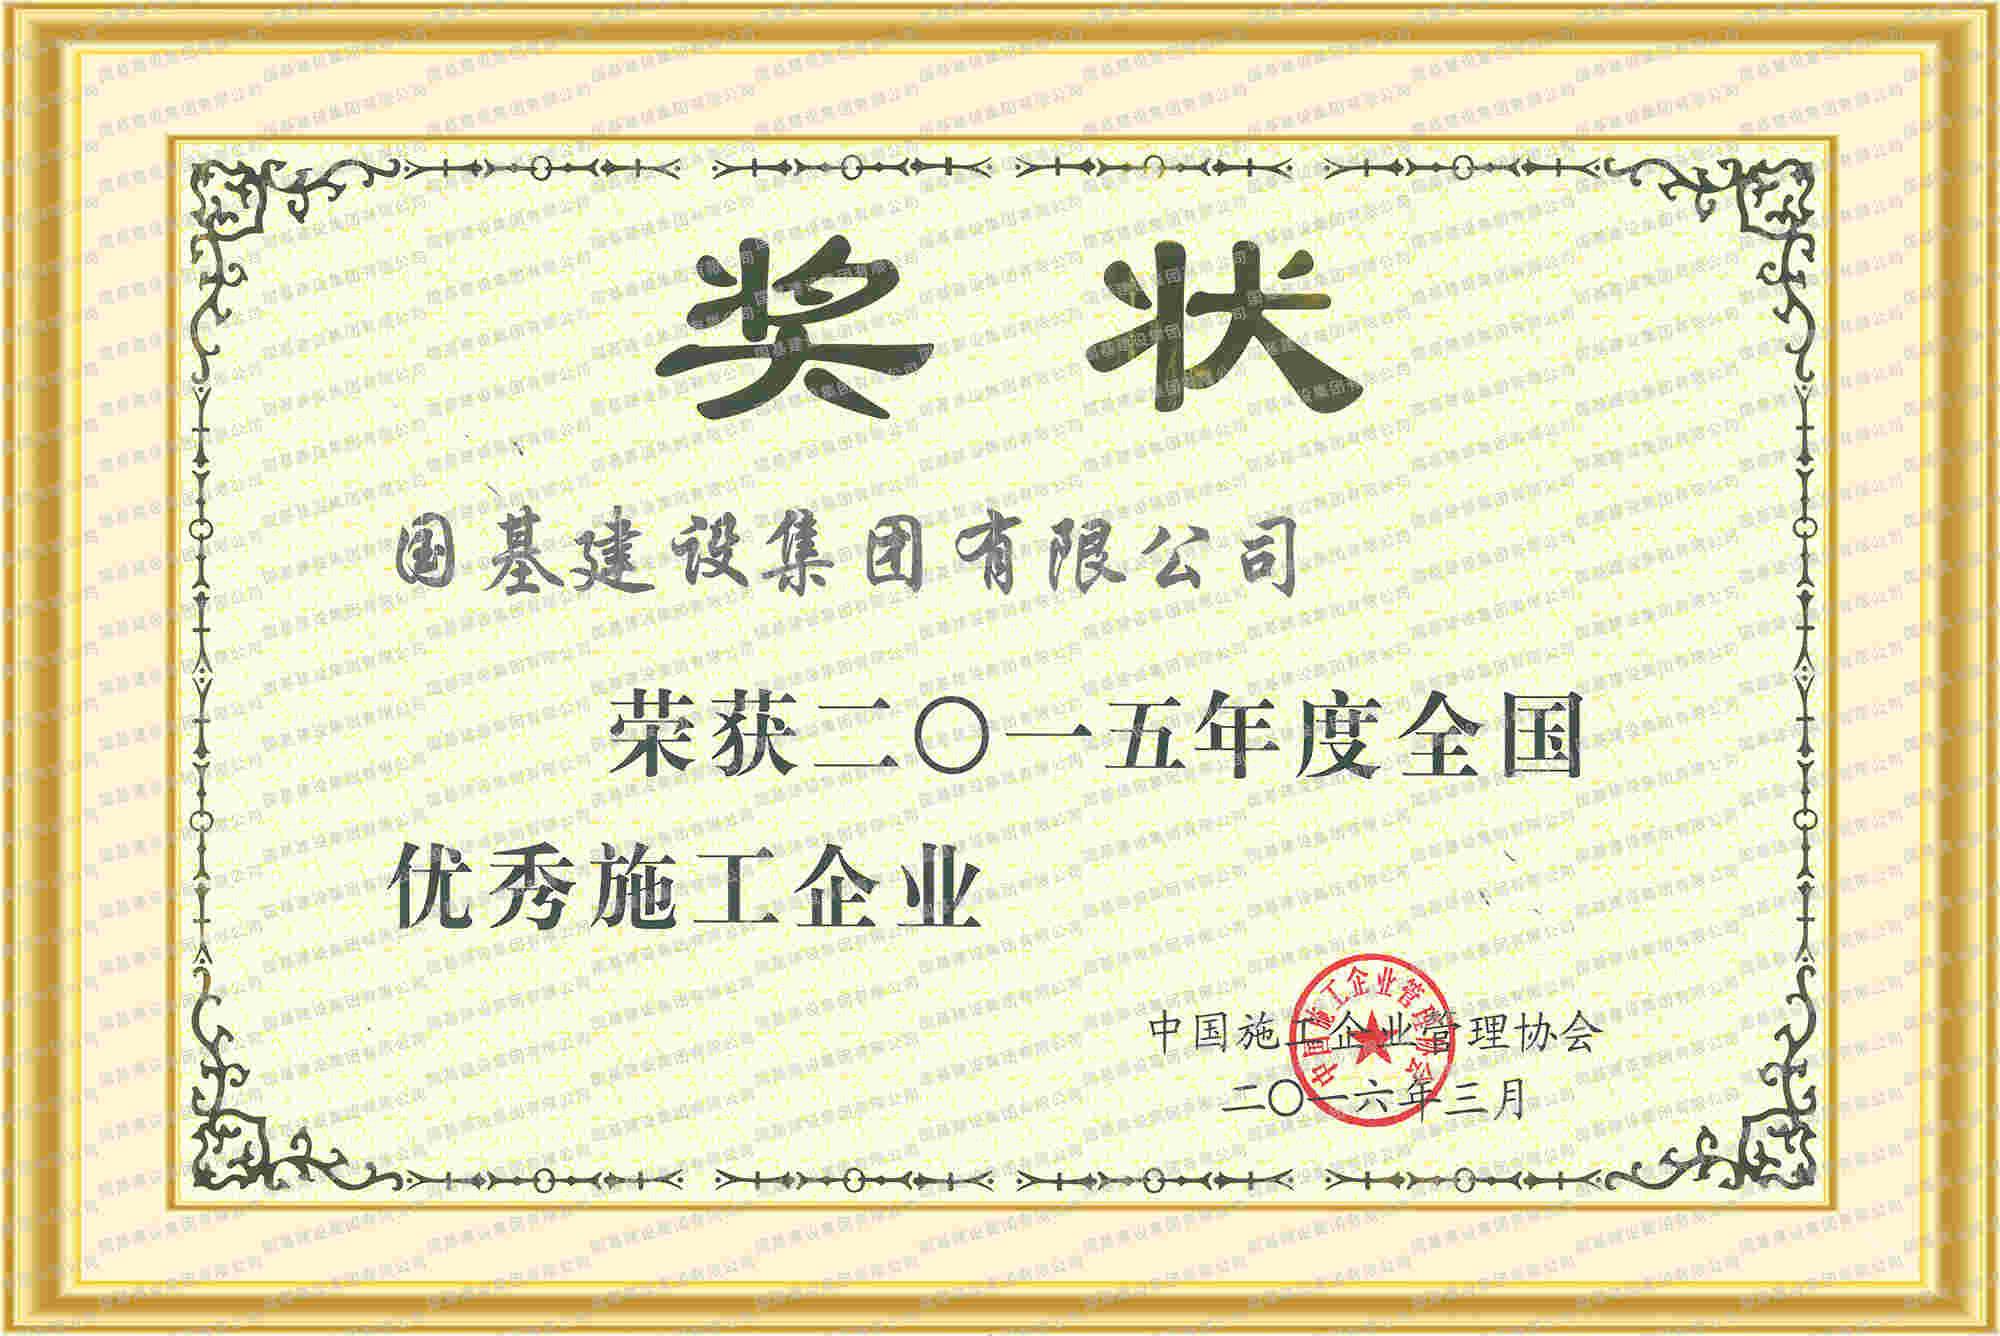 2015年度全国优秀企业证书